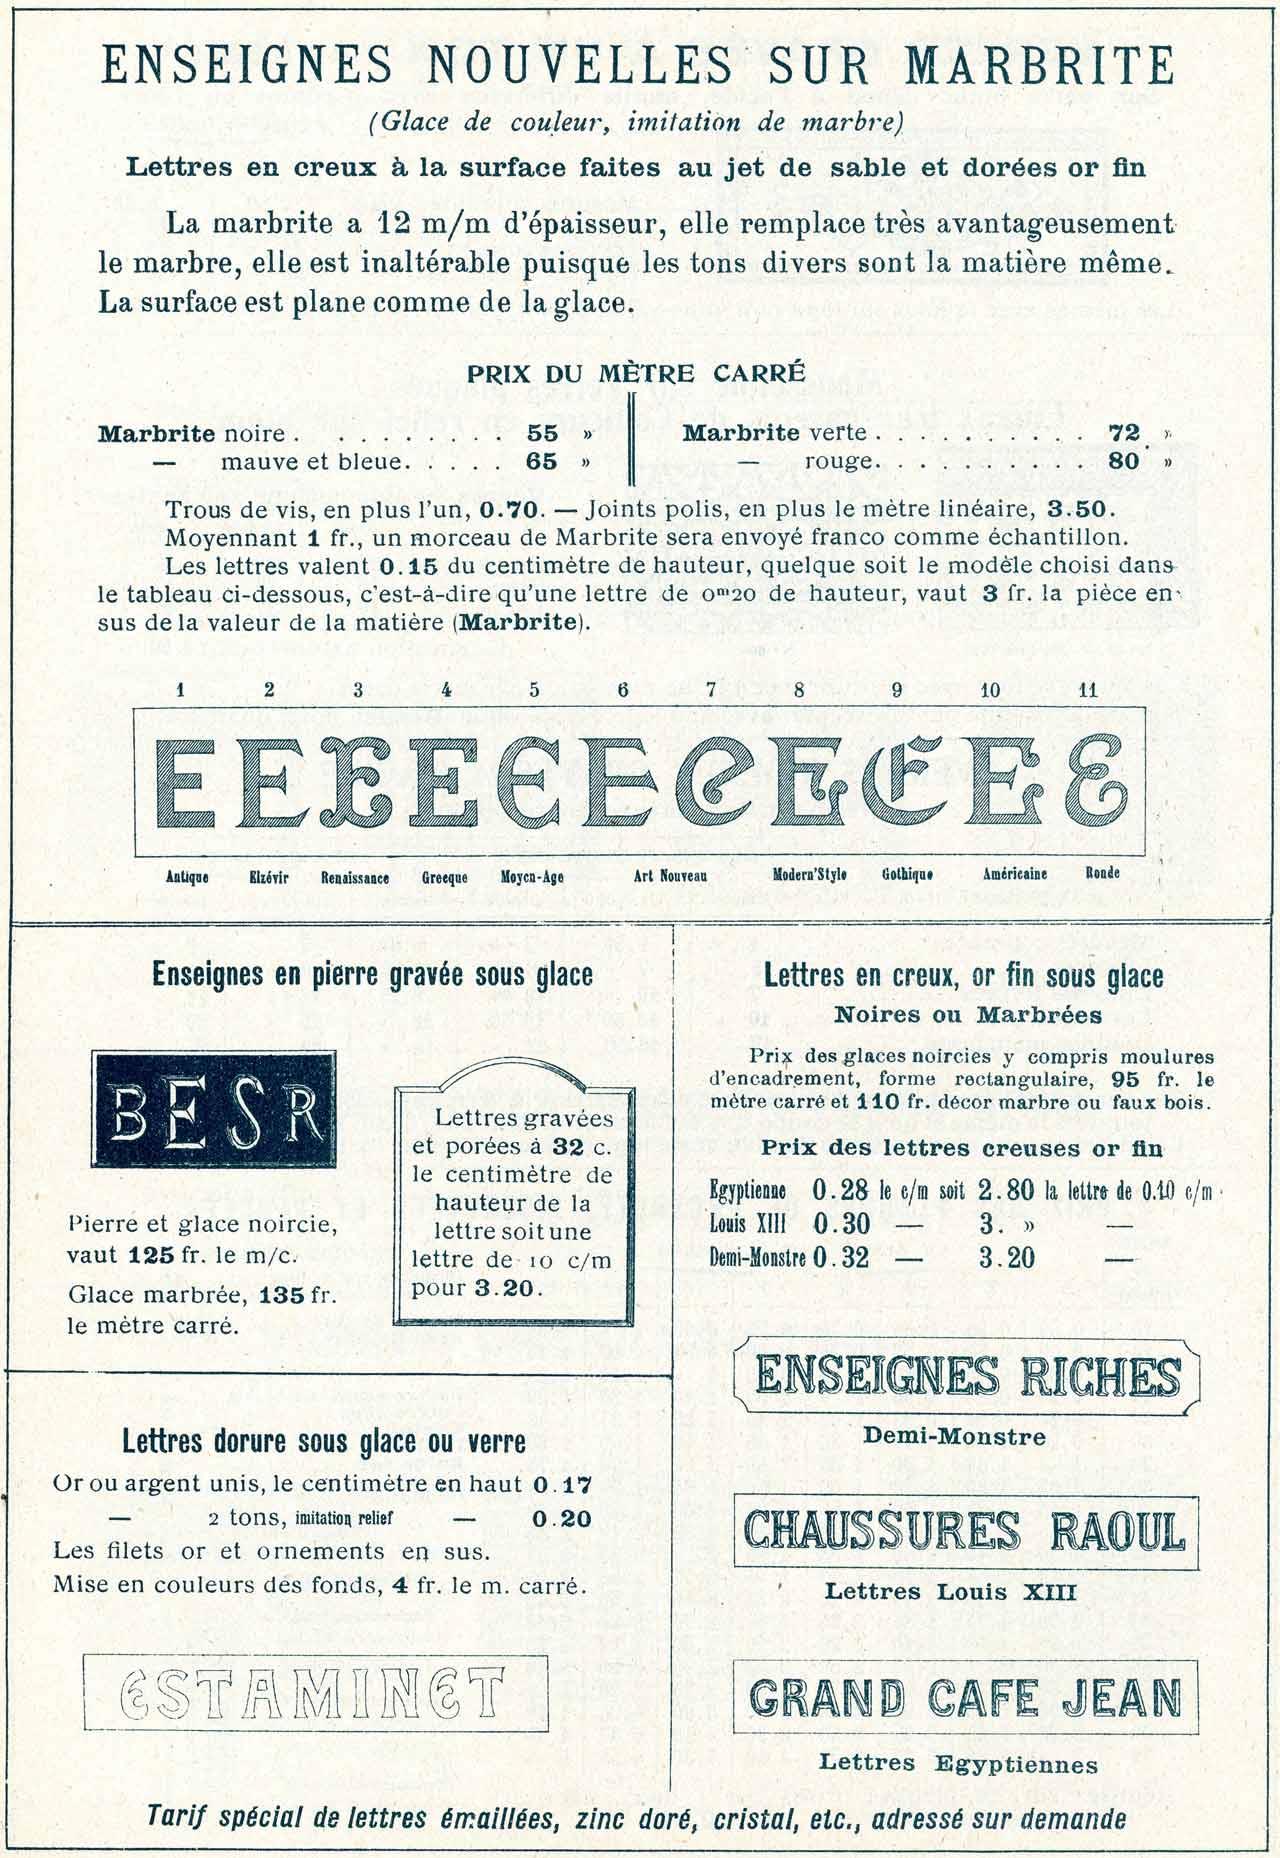 enseigne miroiterie codoni 1908